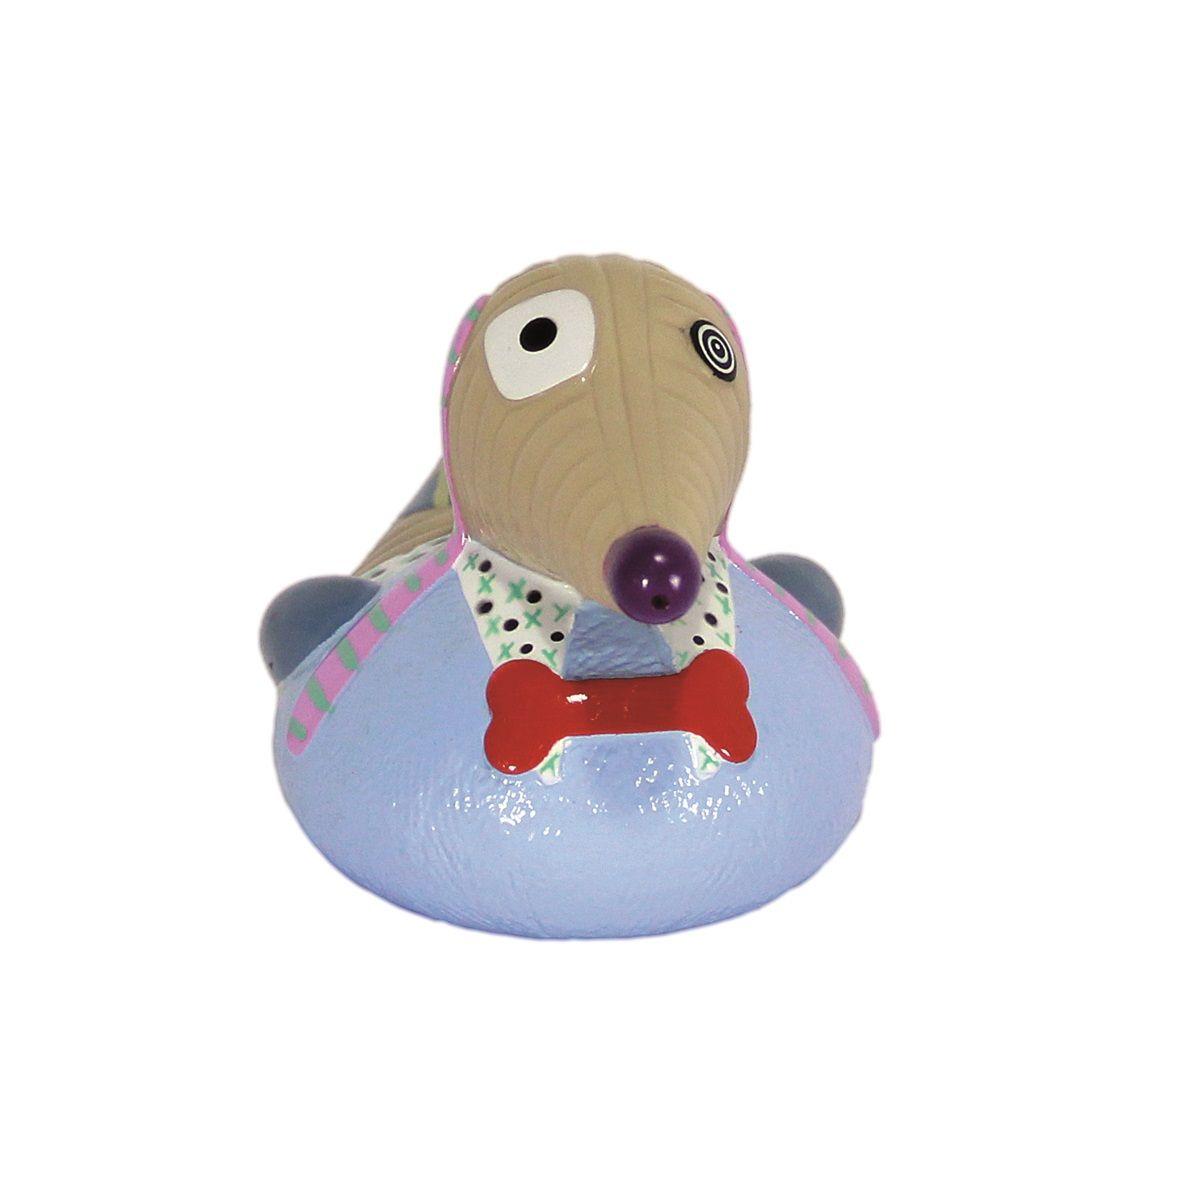 Pato de Banho Nonos, o Cachorro Deglingos